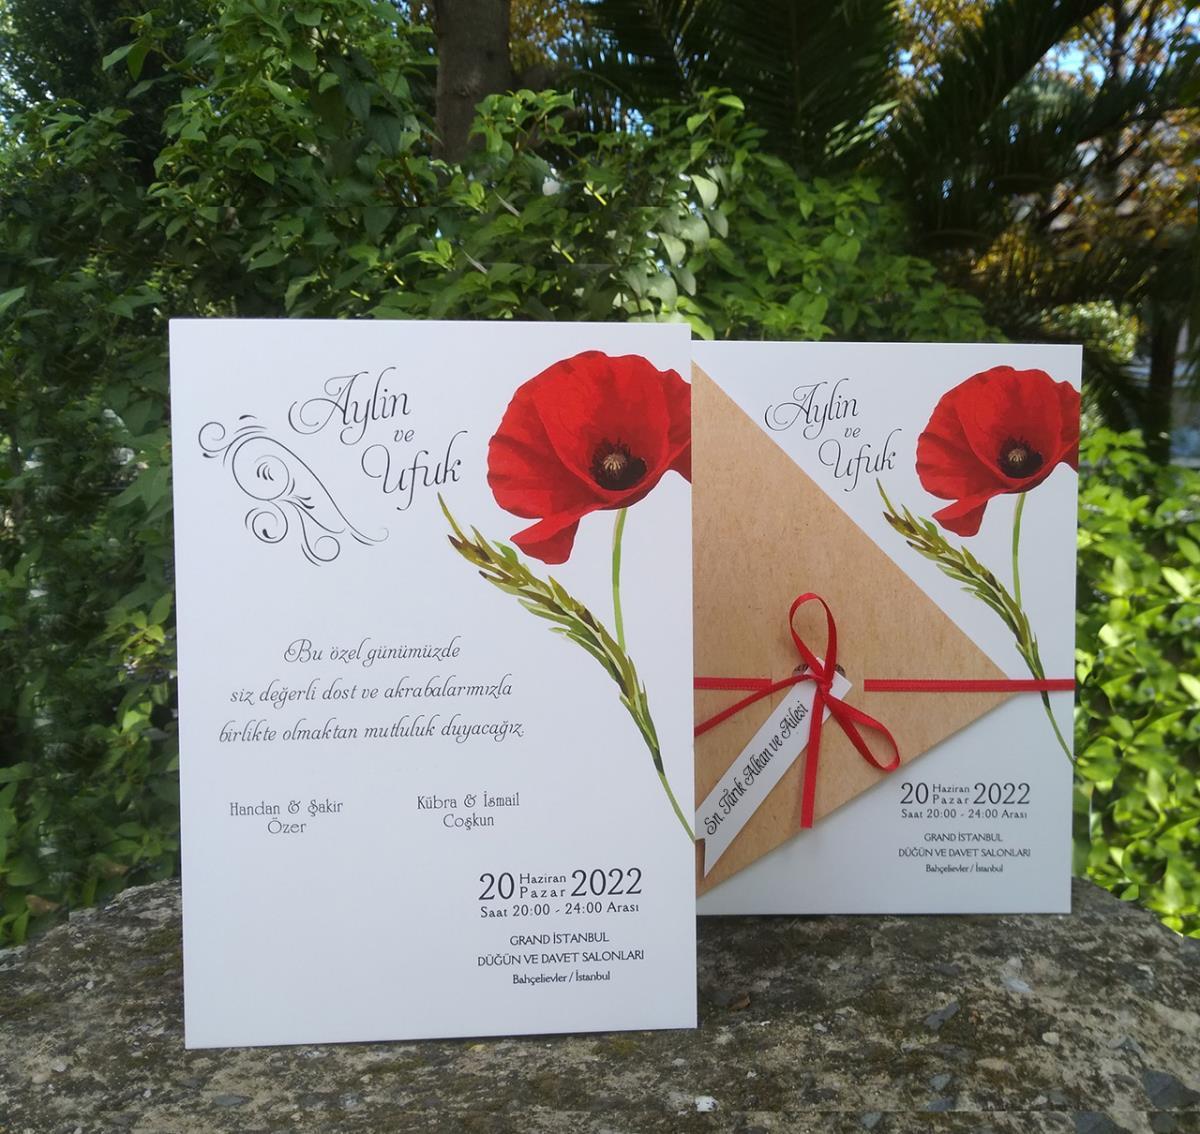 Canlı kırmızı gelincik çiçeği ile tasarlanmış düğün davetiyesi, kraft yarım kapak üzerindeki kalp pencereden geçen kurdele ile bağlanmaktadır.